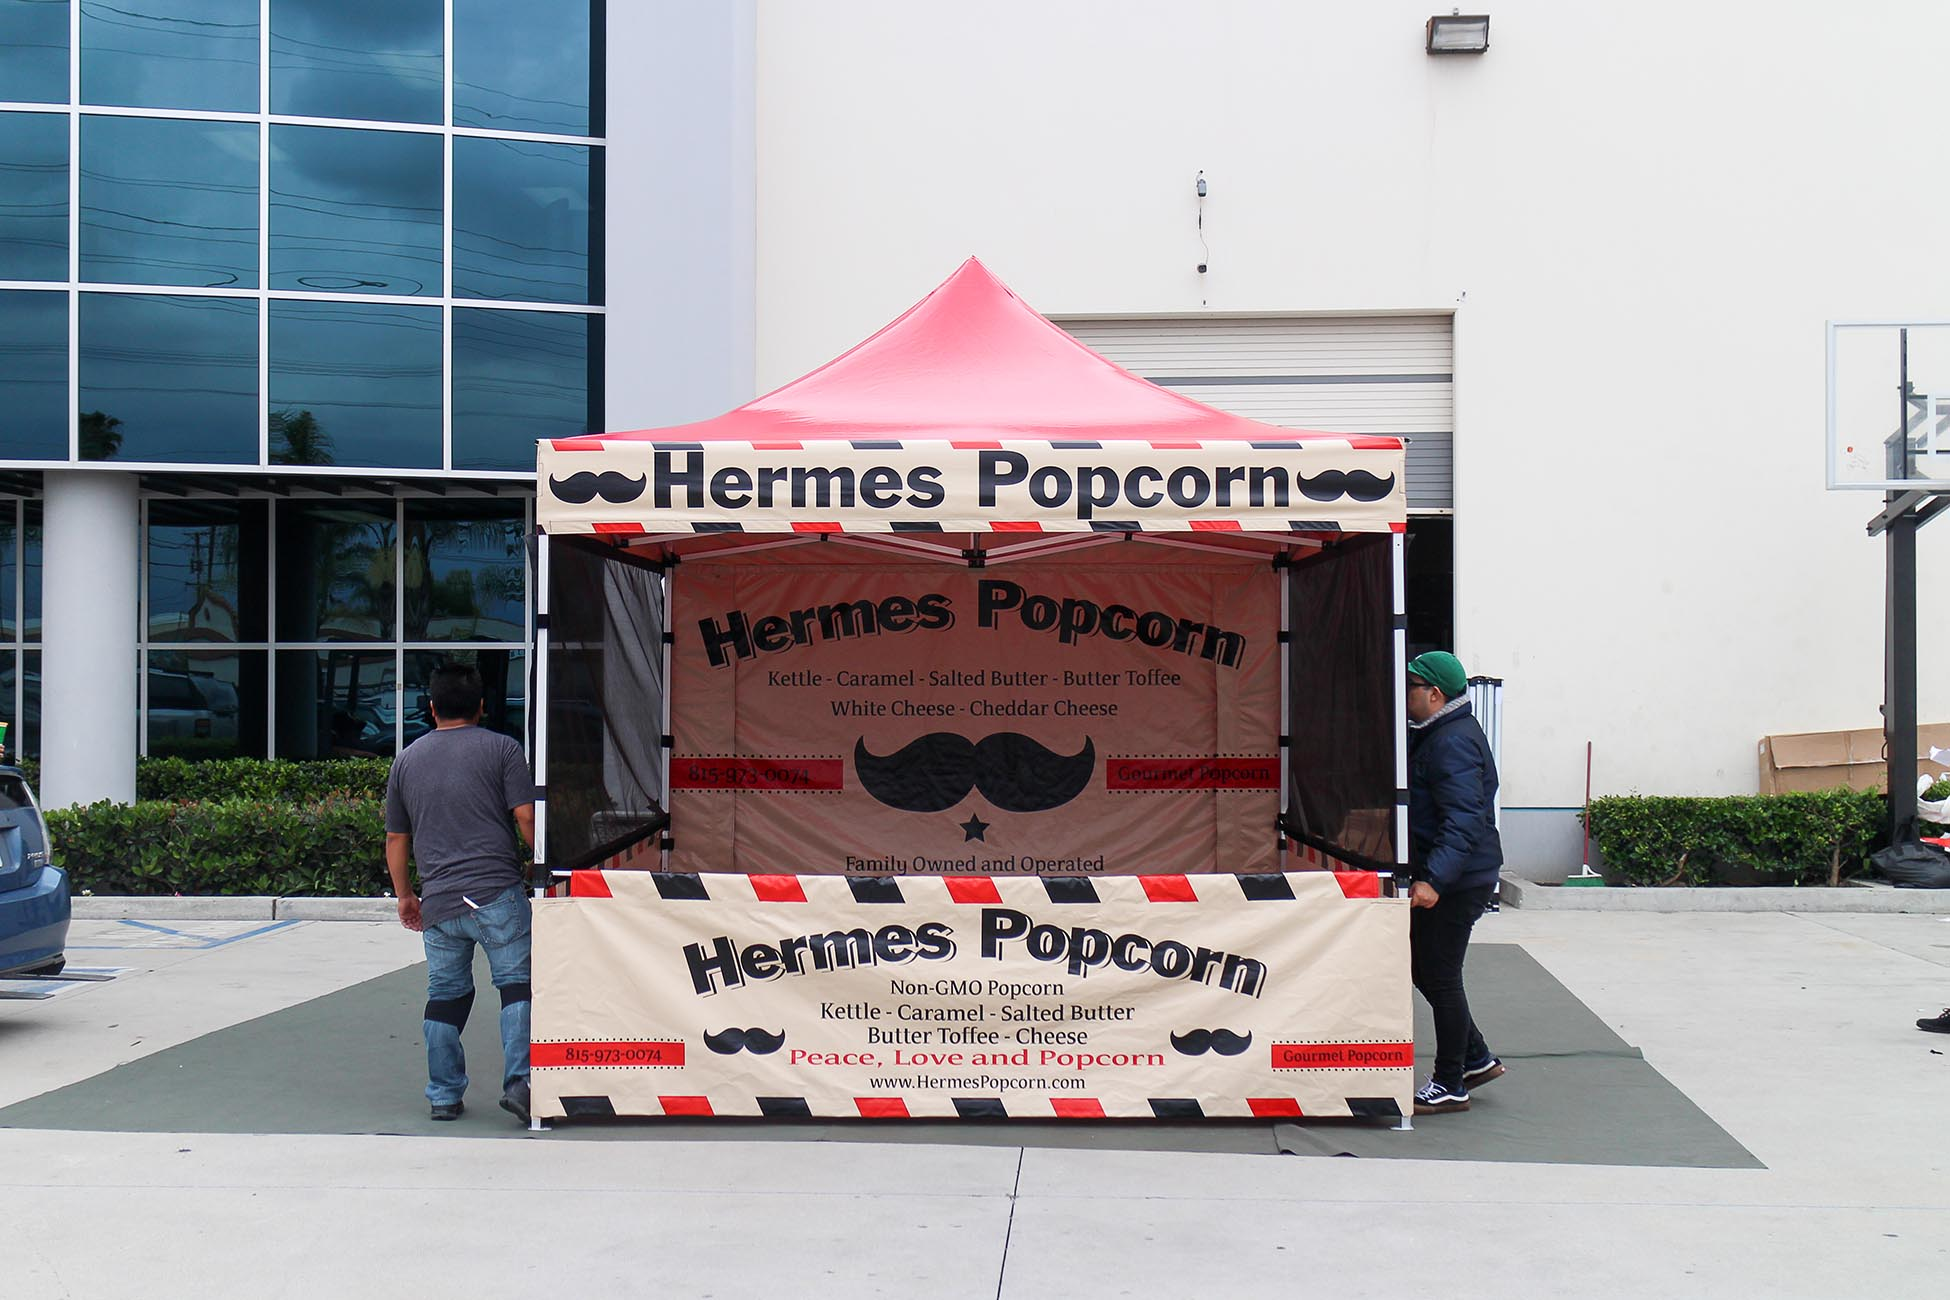 hermes-popcorn-tent